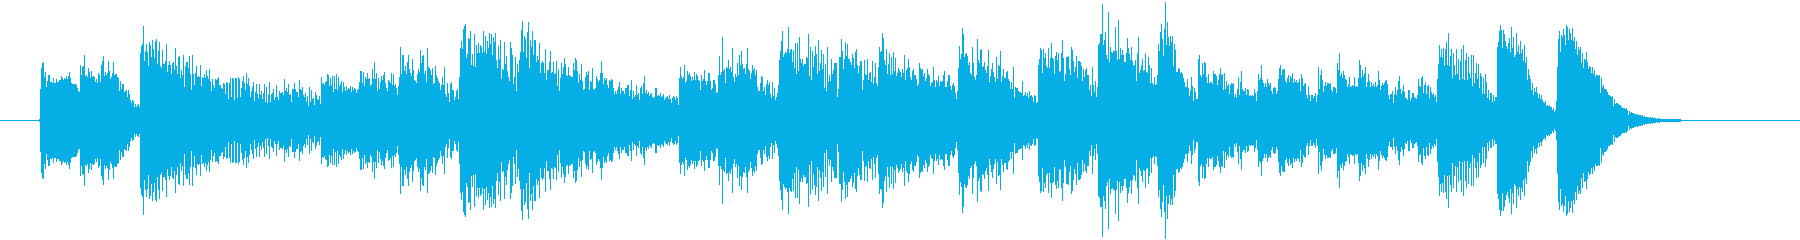 ファンキーでかっこいいピアノジングルの再生済みの波形